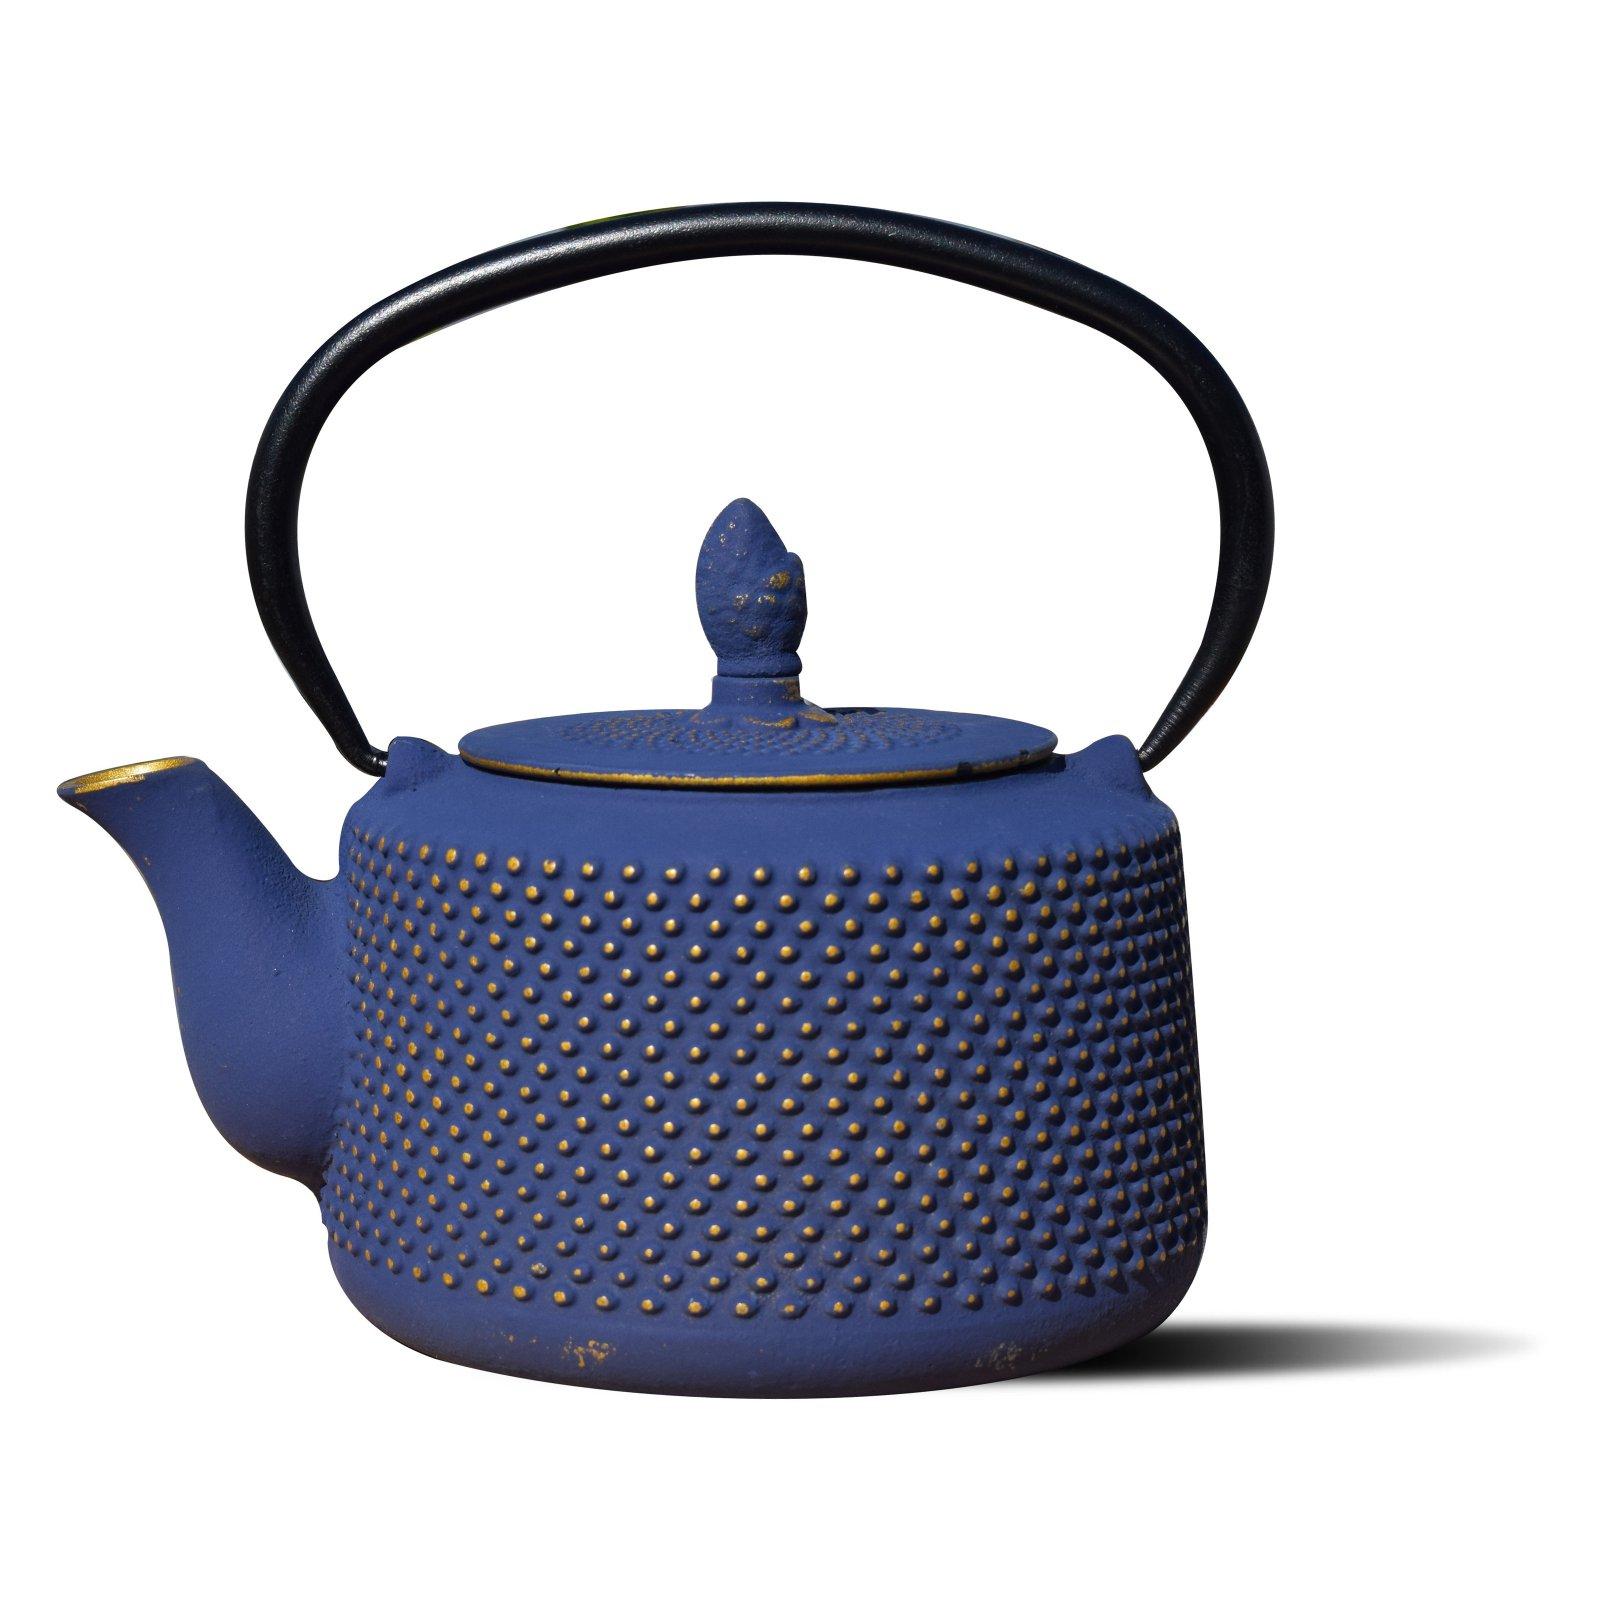 Old Dutch International Matsukasa Cast Iron Teapot